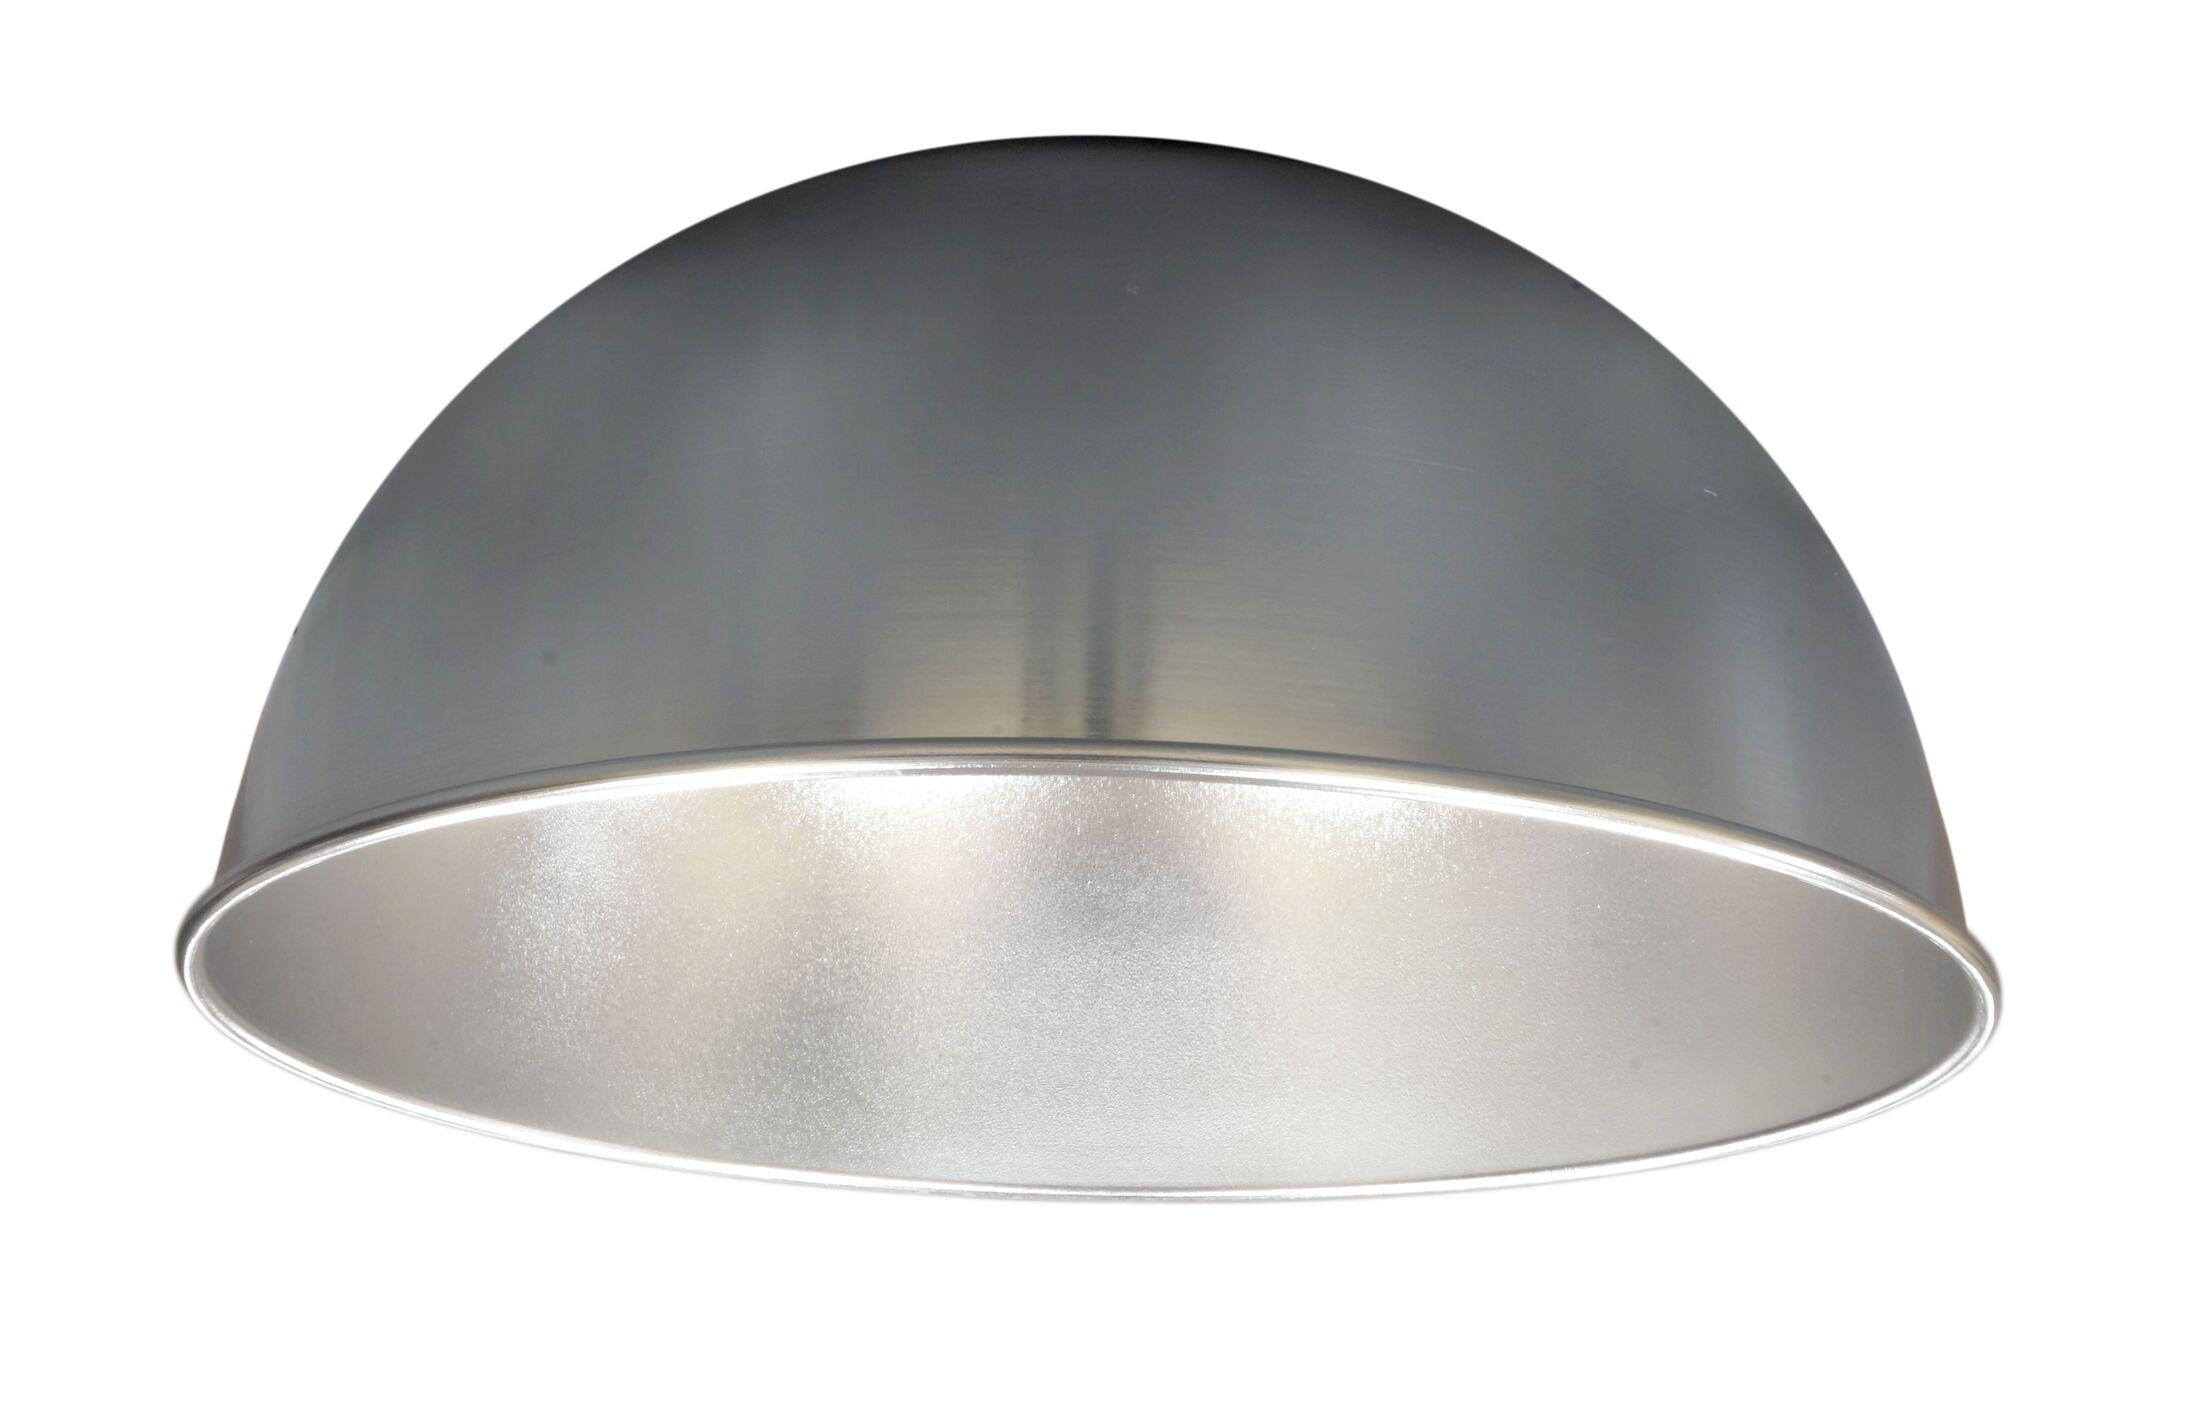 Bell LED High Bay